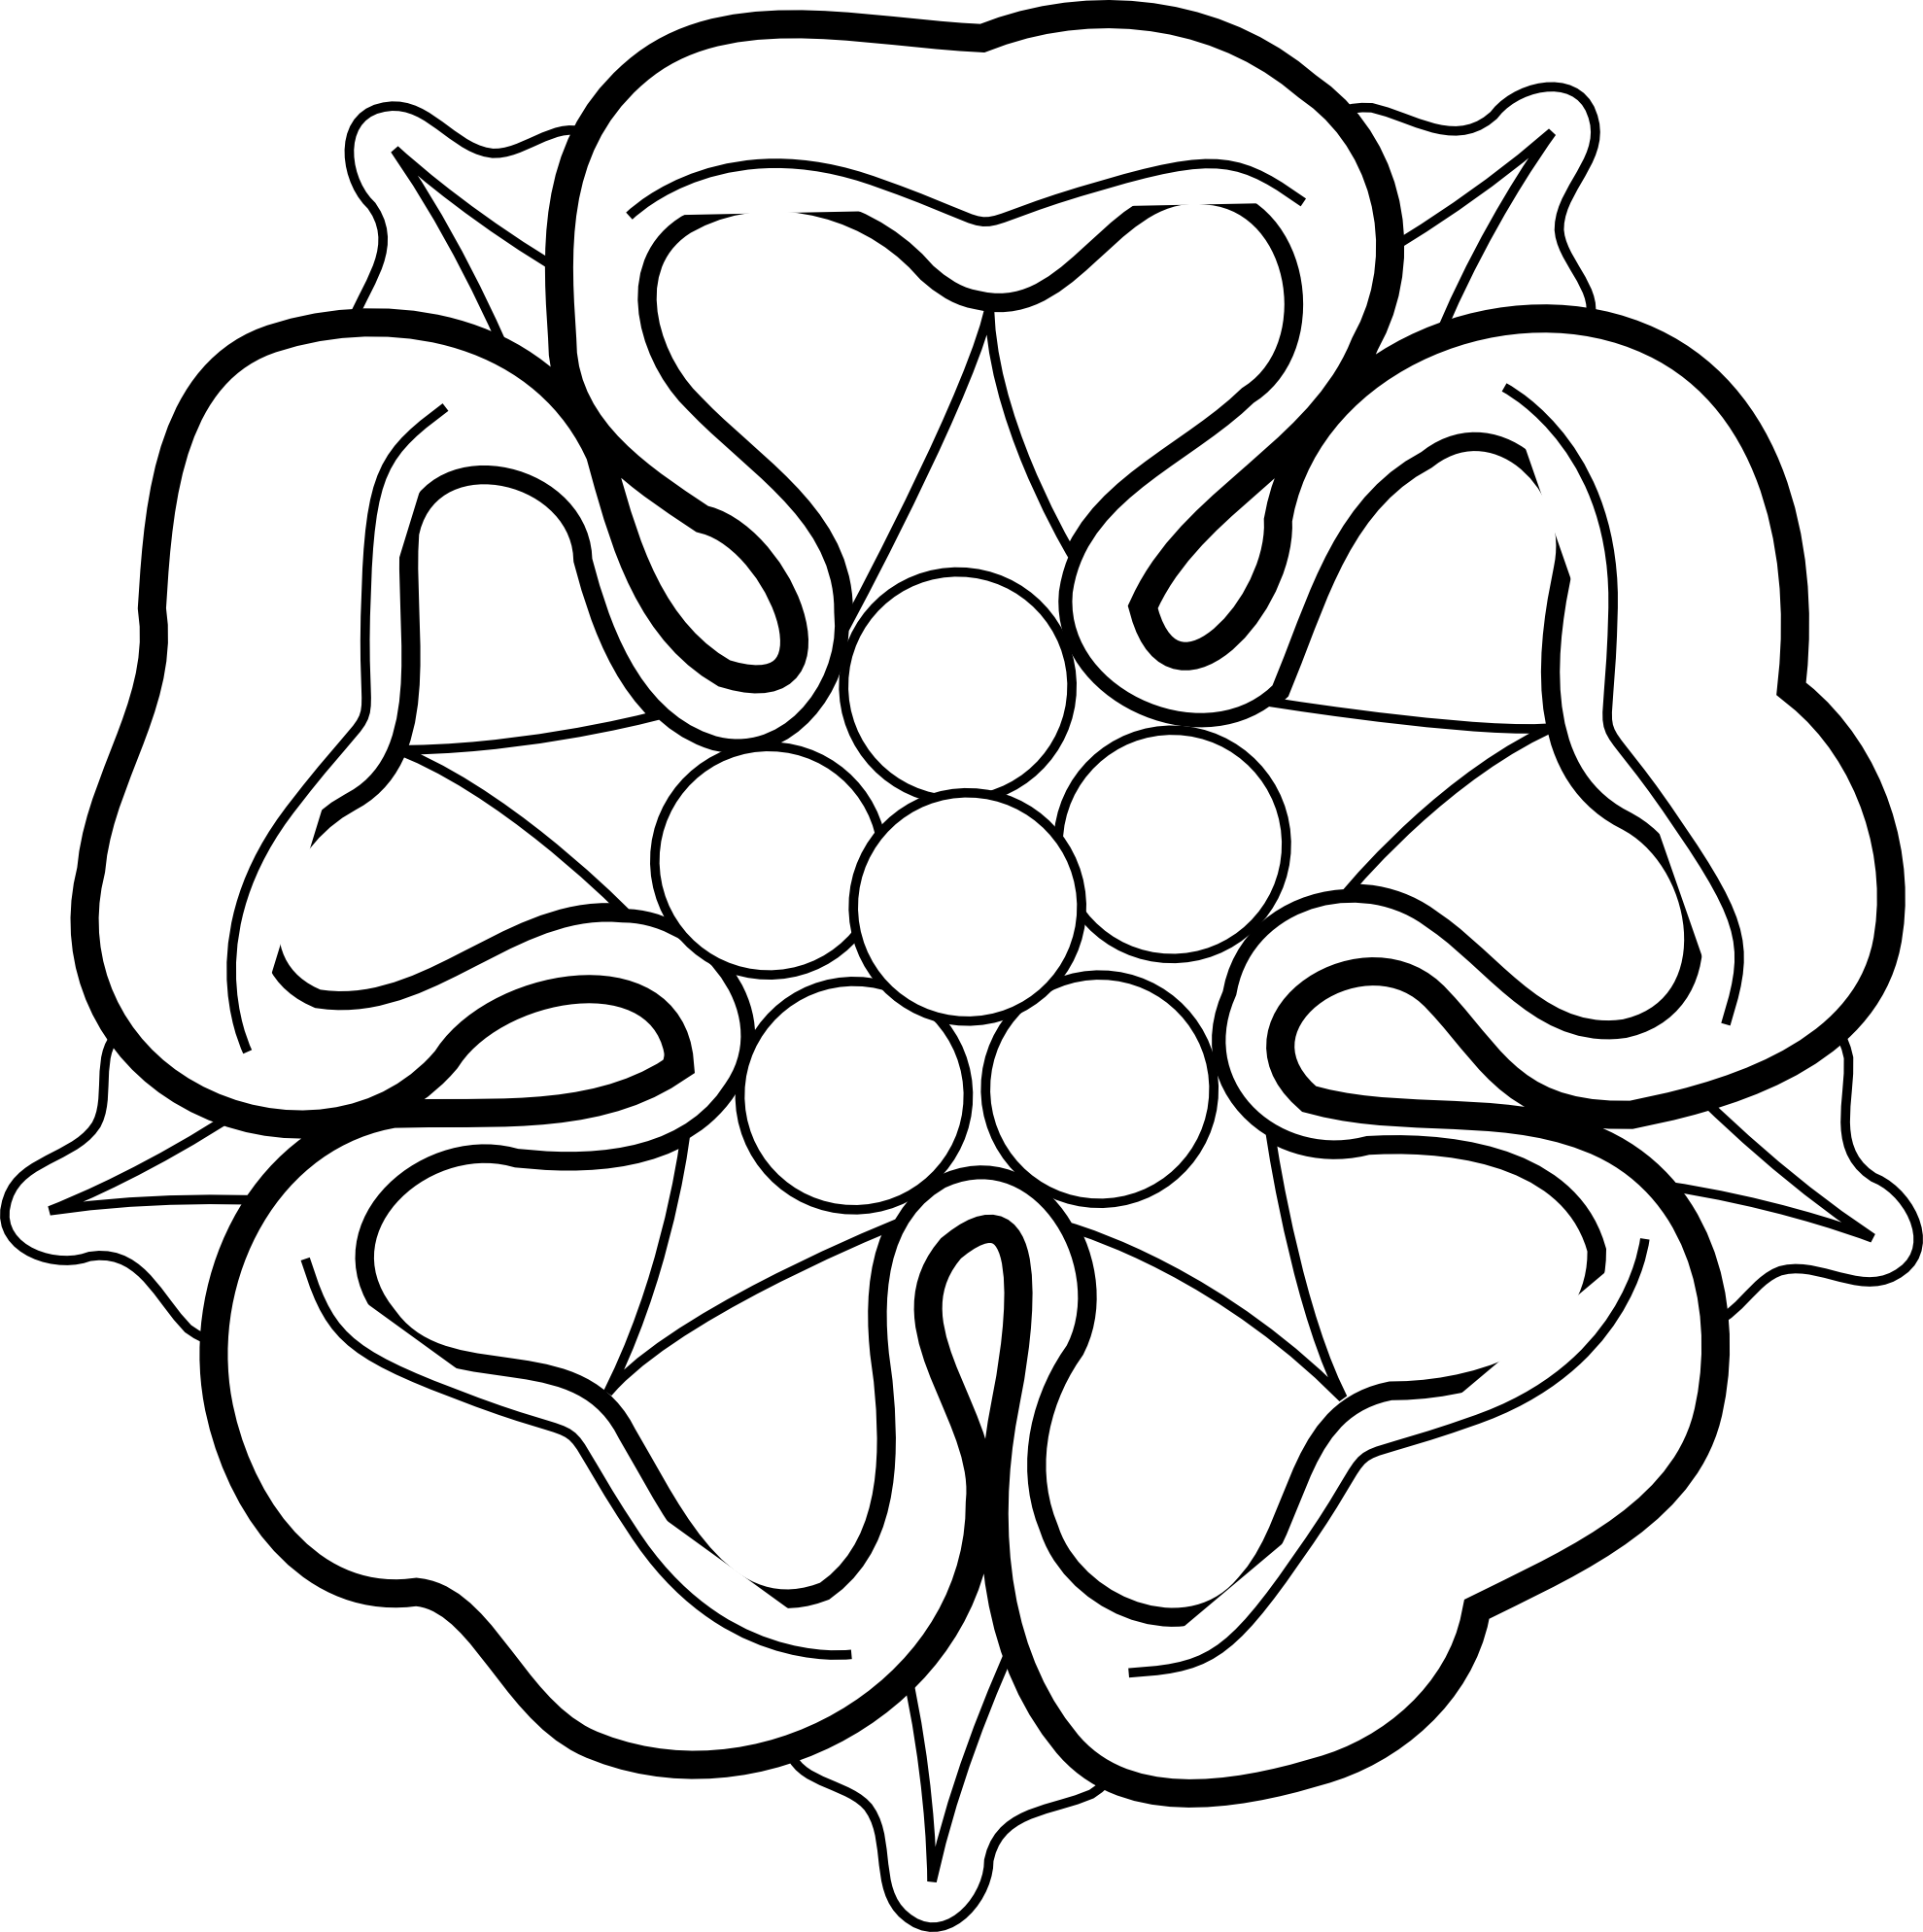 Knumathise rose images. Clipart roses black and white